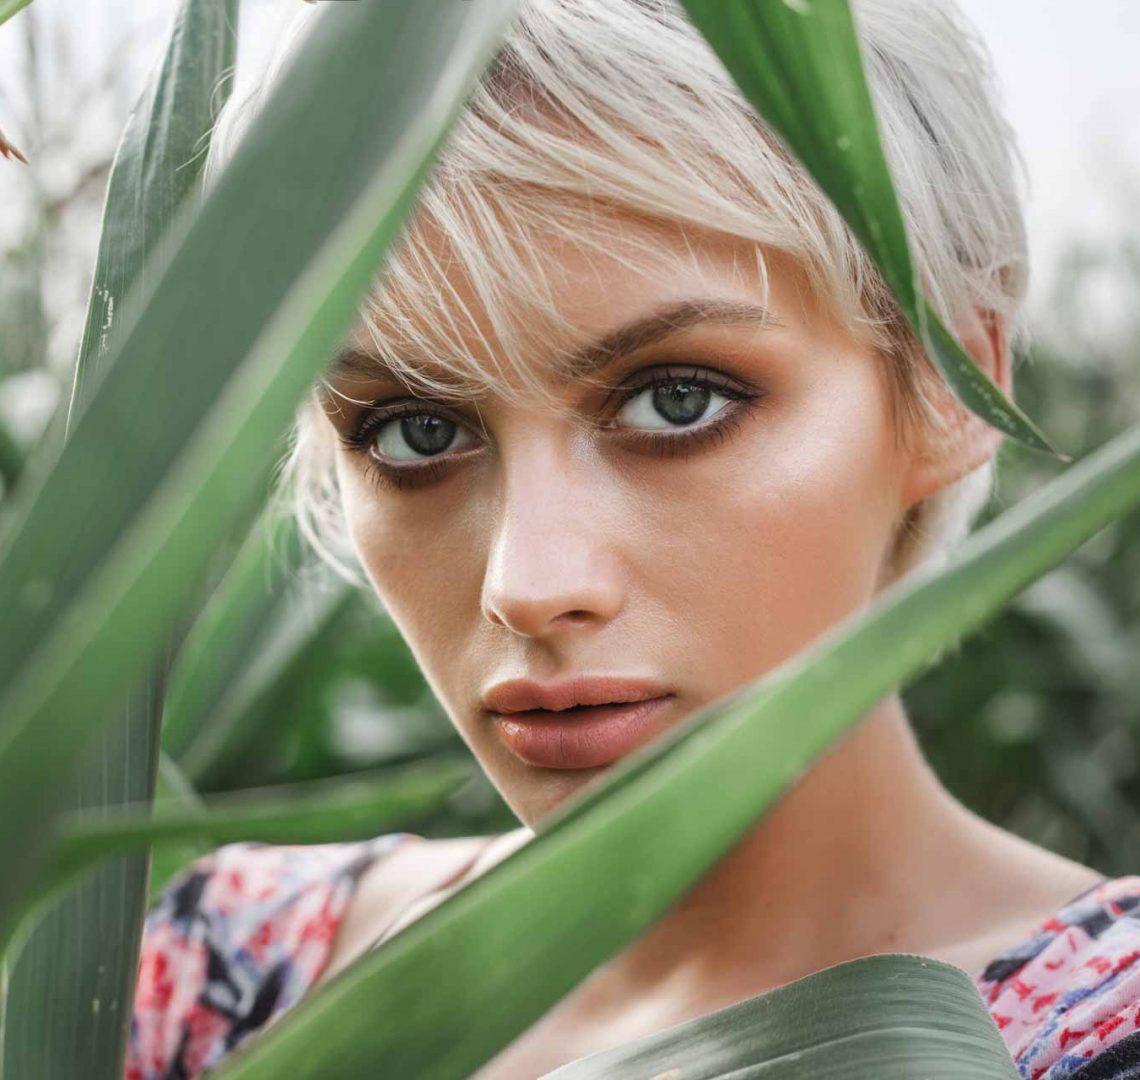 girl-between-green-leaves-in-a-corn-field-PYWBG9G.jpg